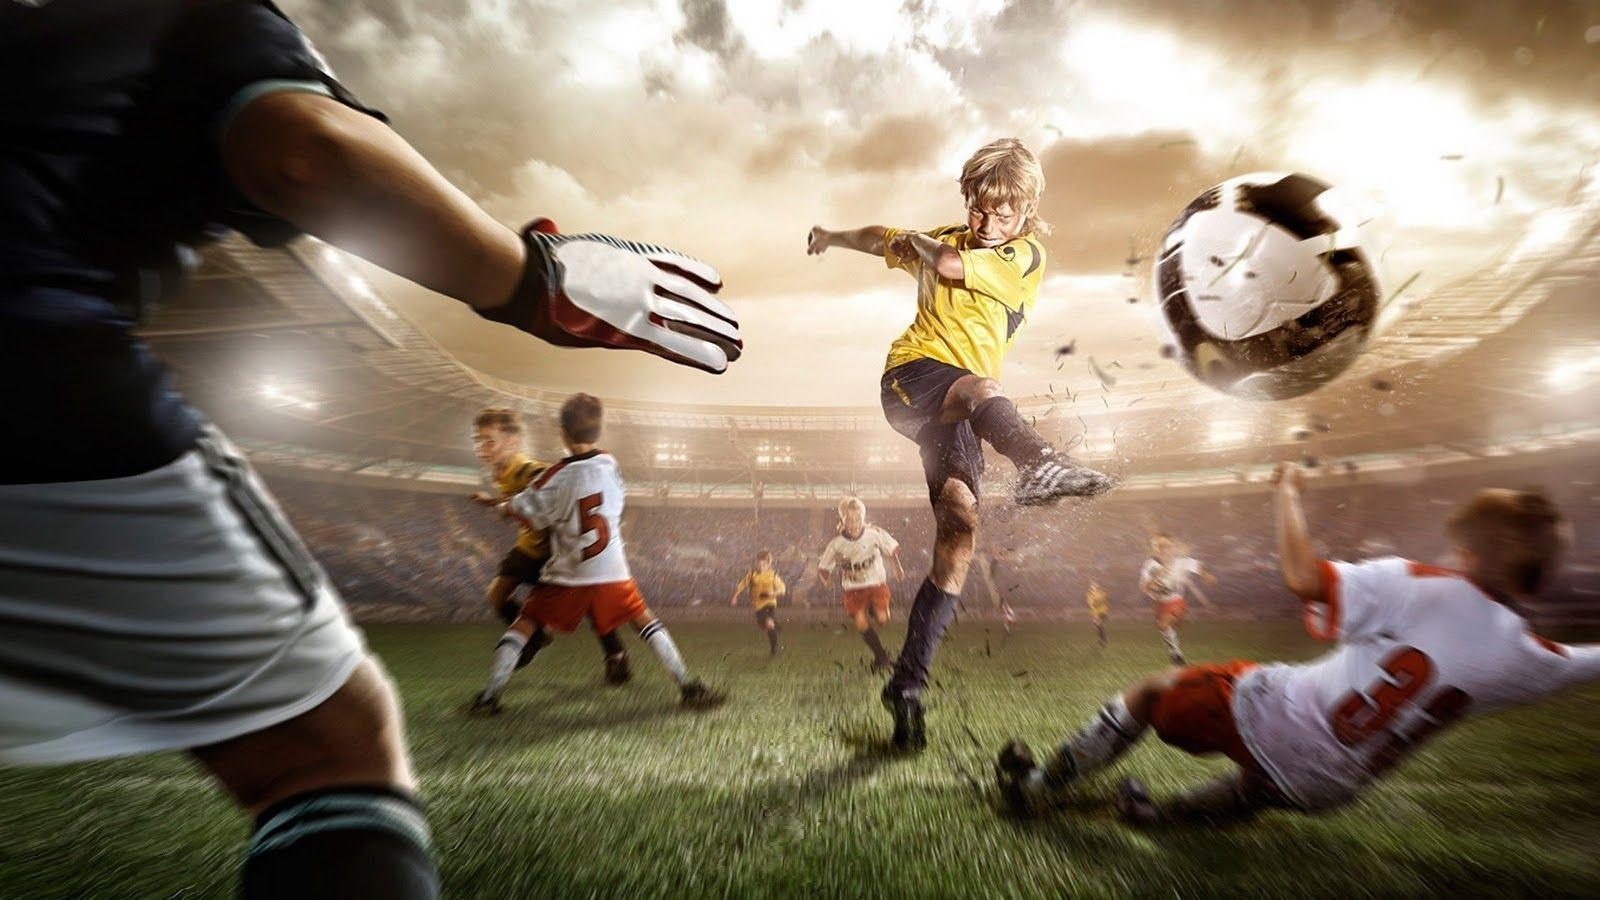 Download wallpaper x feather football goal ball net full